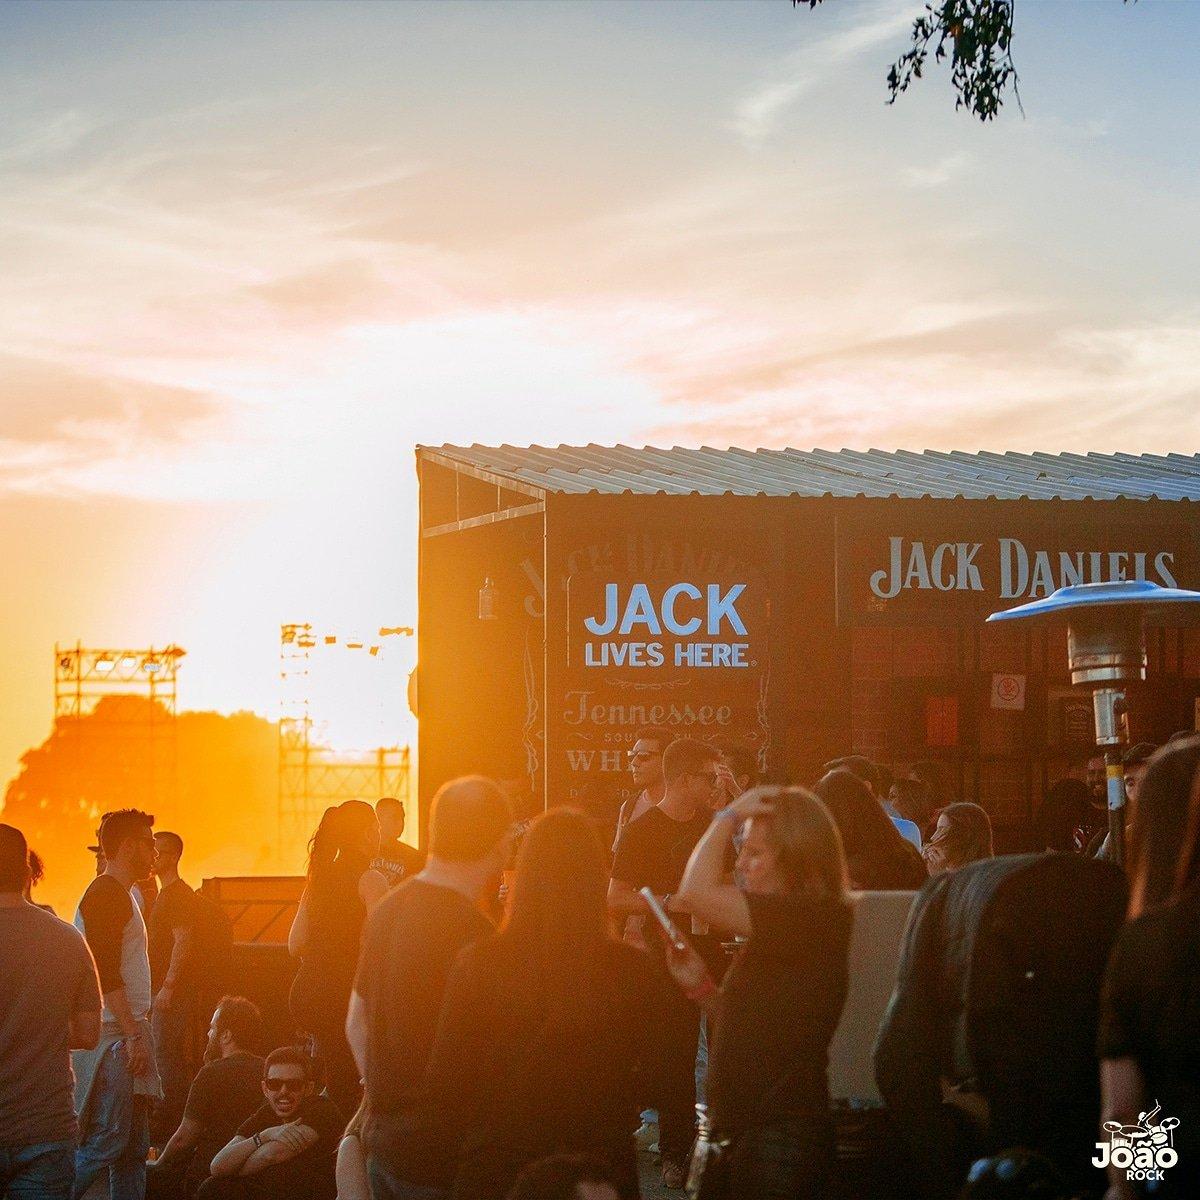 #JackDaniels #JoãoRock https://t.co/0OMCihcKgD